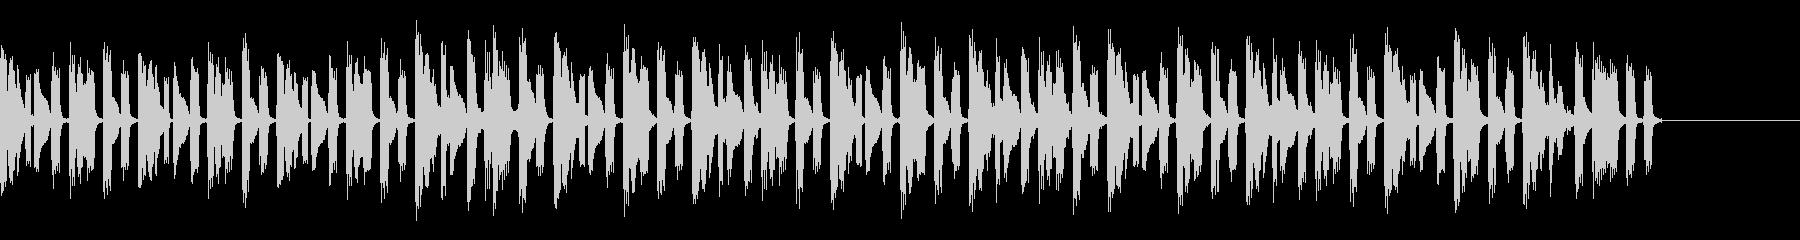 声の印象的なラジオジングルの未再生の波形